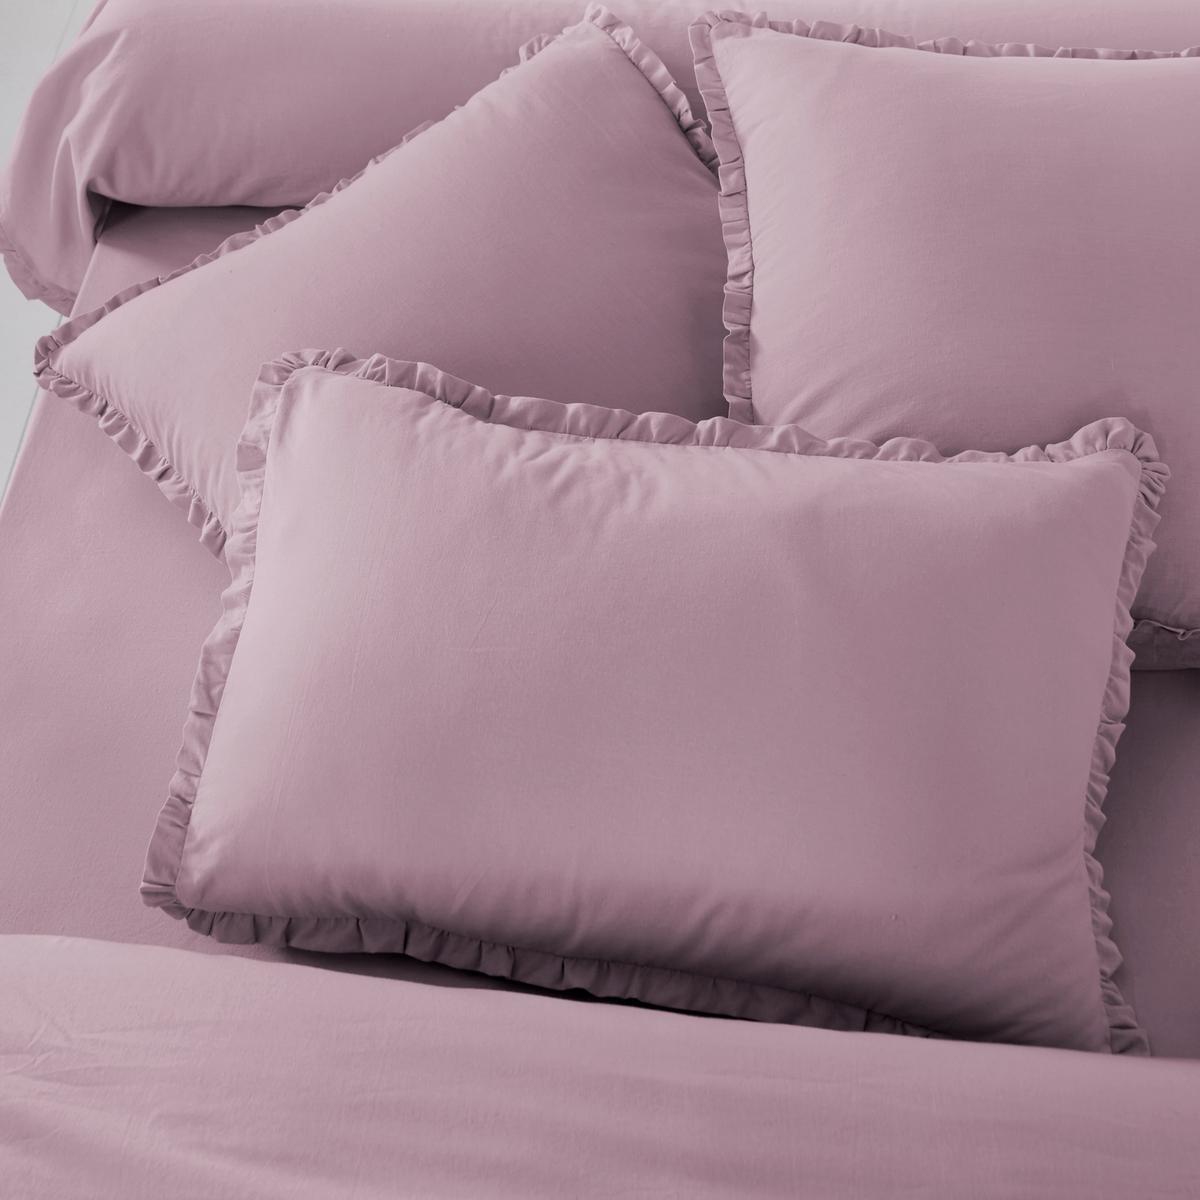 Наволочка на подушку-валик из смешанной стиранной ткани , OndinaОписание наволочки на подушку-валик Ondina :- Смешанная ткань 55%хлопка, 45% льна, аутентичная и прочная стиранная ткань для еще большей мягкости и эластичности ..Машинная стирка при 60 °С.- Отделка двойным воланом, со складками.  Размеры на выбор :85 x 185 см<br><br>Цвет: светло-бежевый,серо-фиалковый<br>Размер: 85 x 185 см